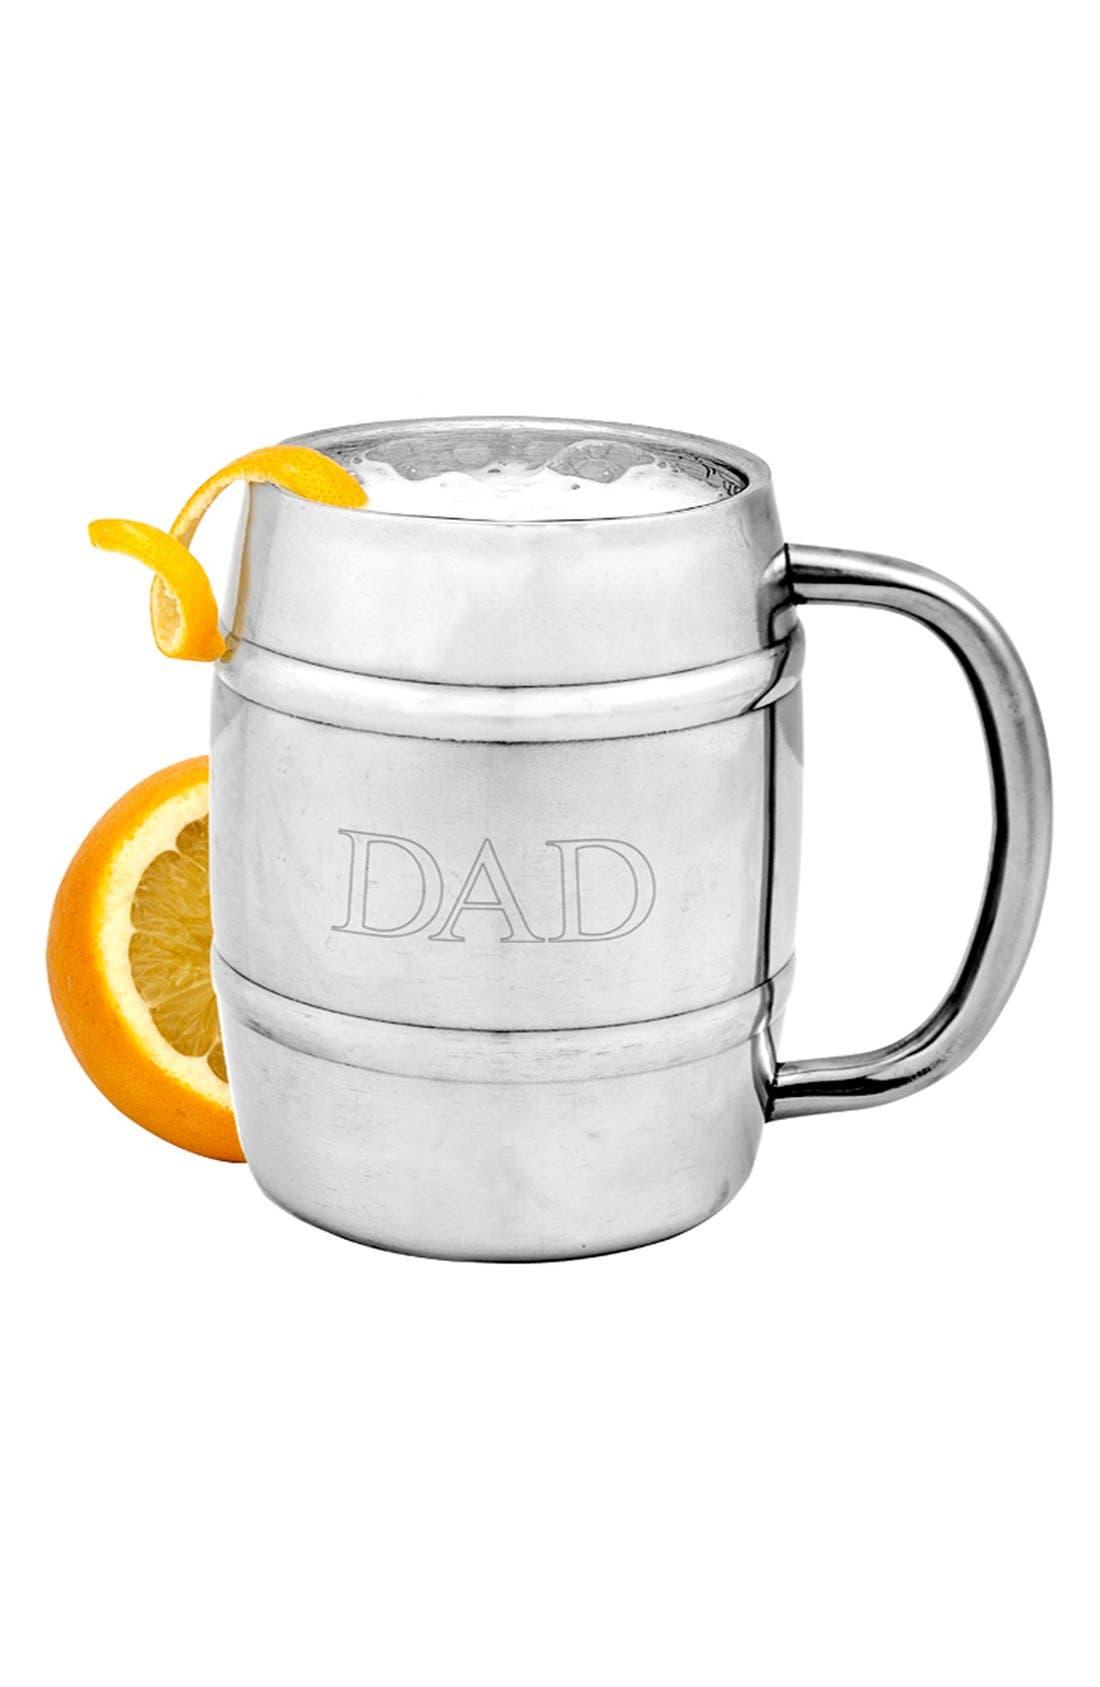 Main Image - Cathy's Concepts 'Dad' Keg Mug